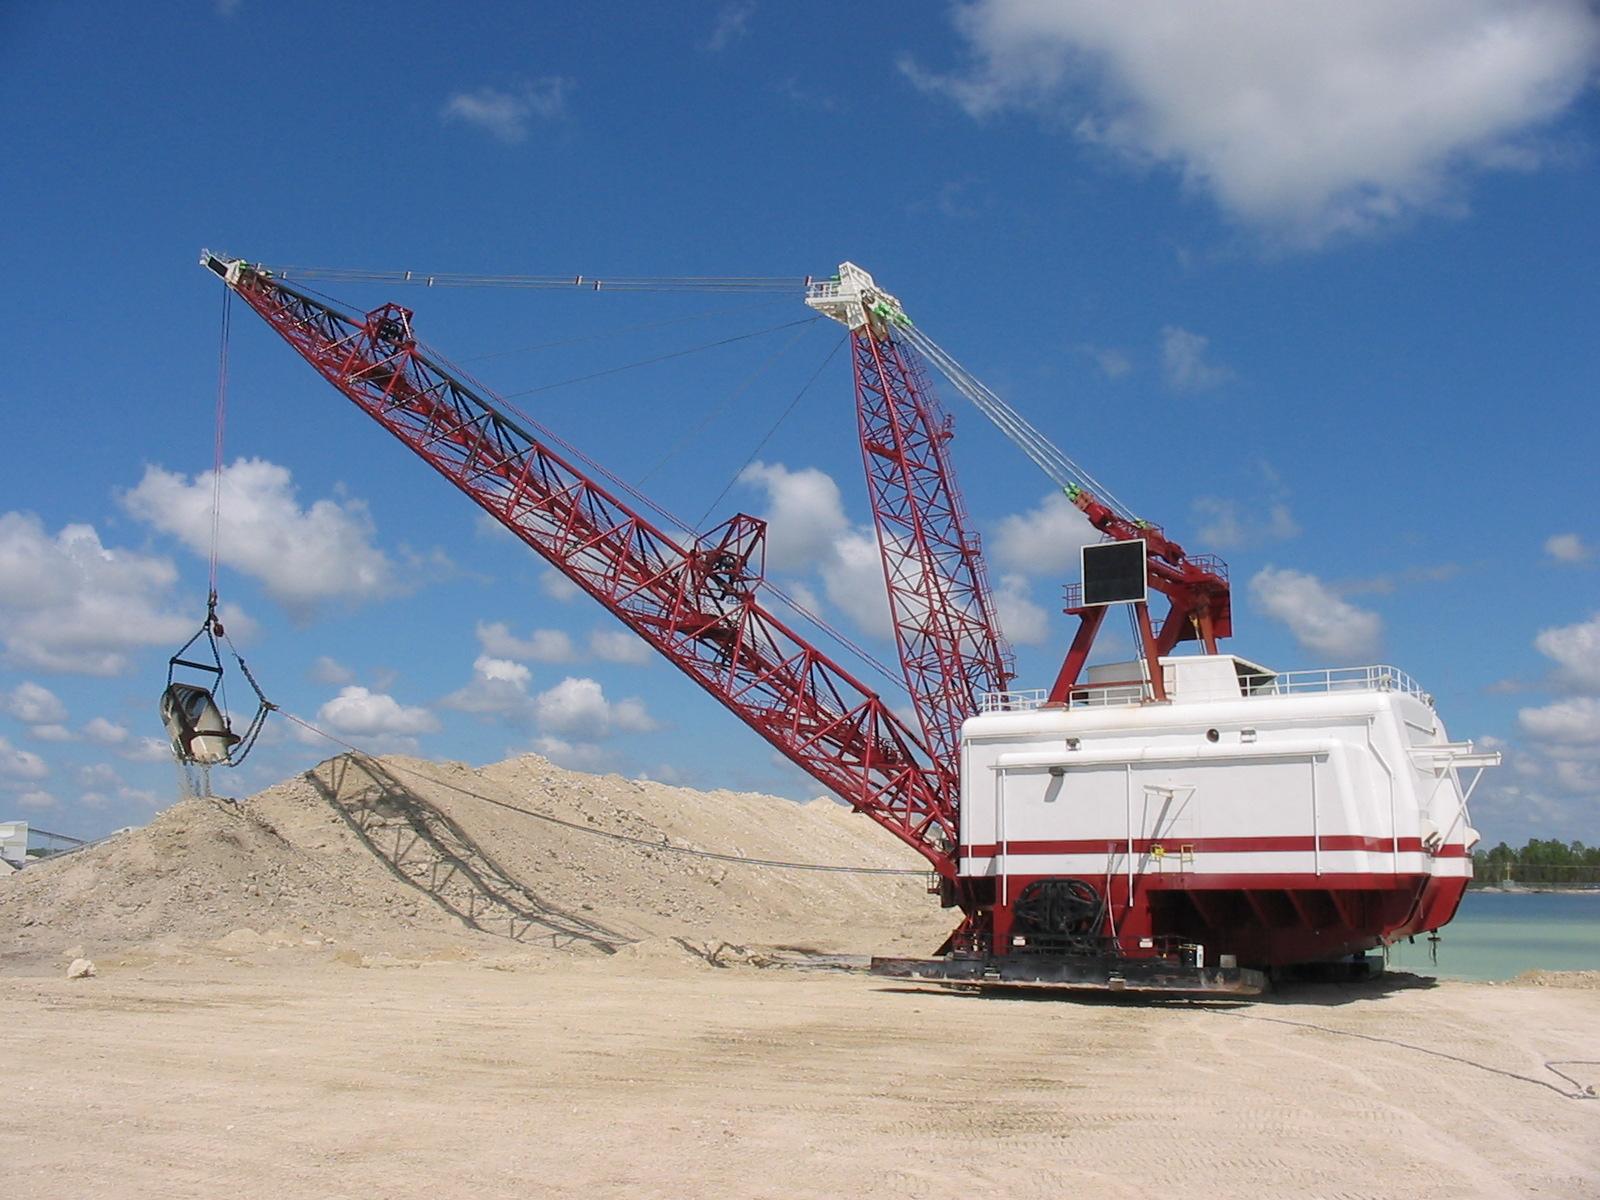 Tractors Air Filter Real Life : Rock quarry dragline equipment